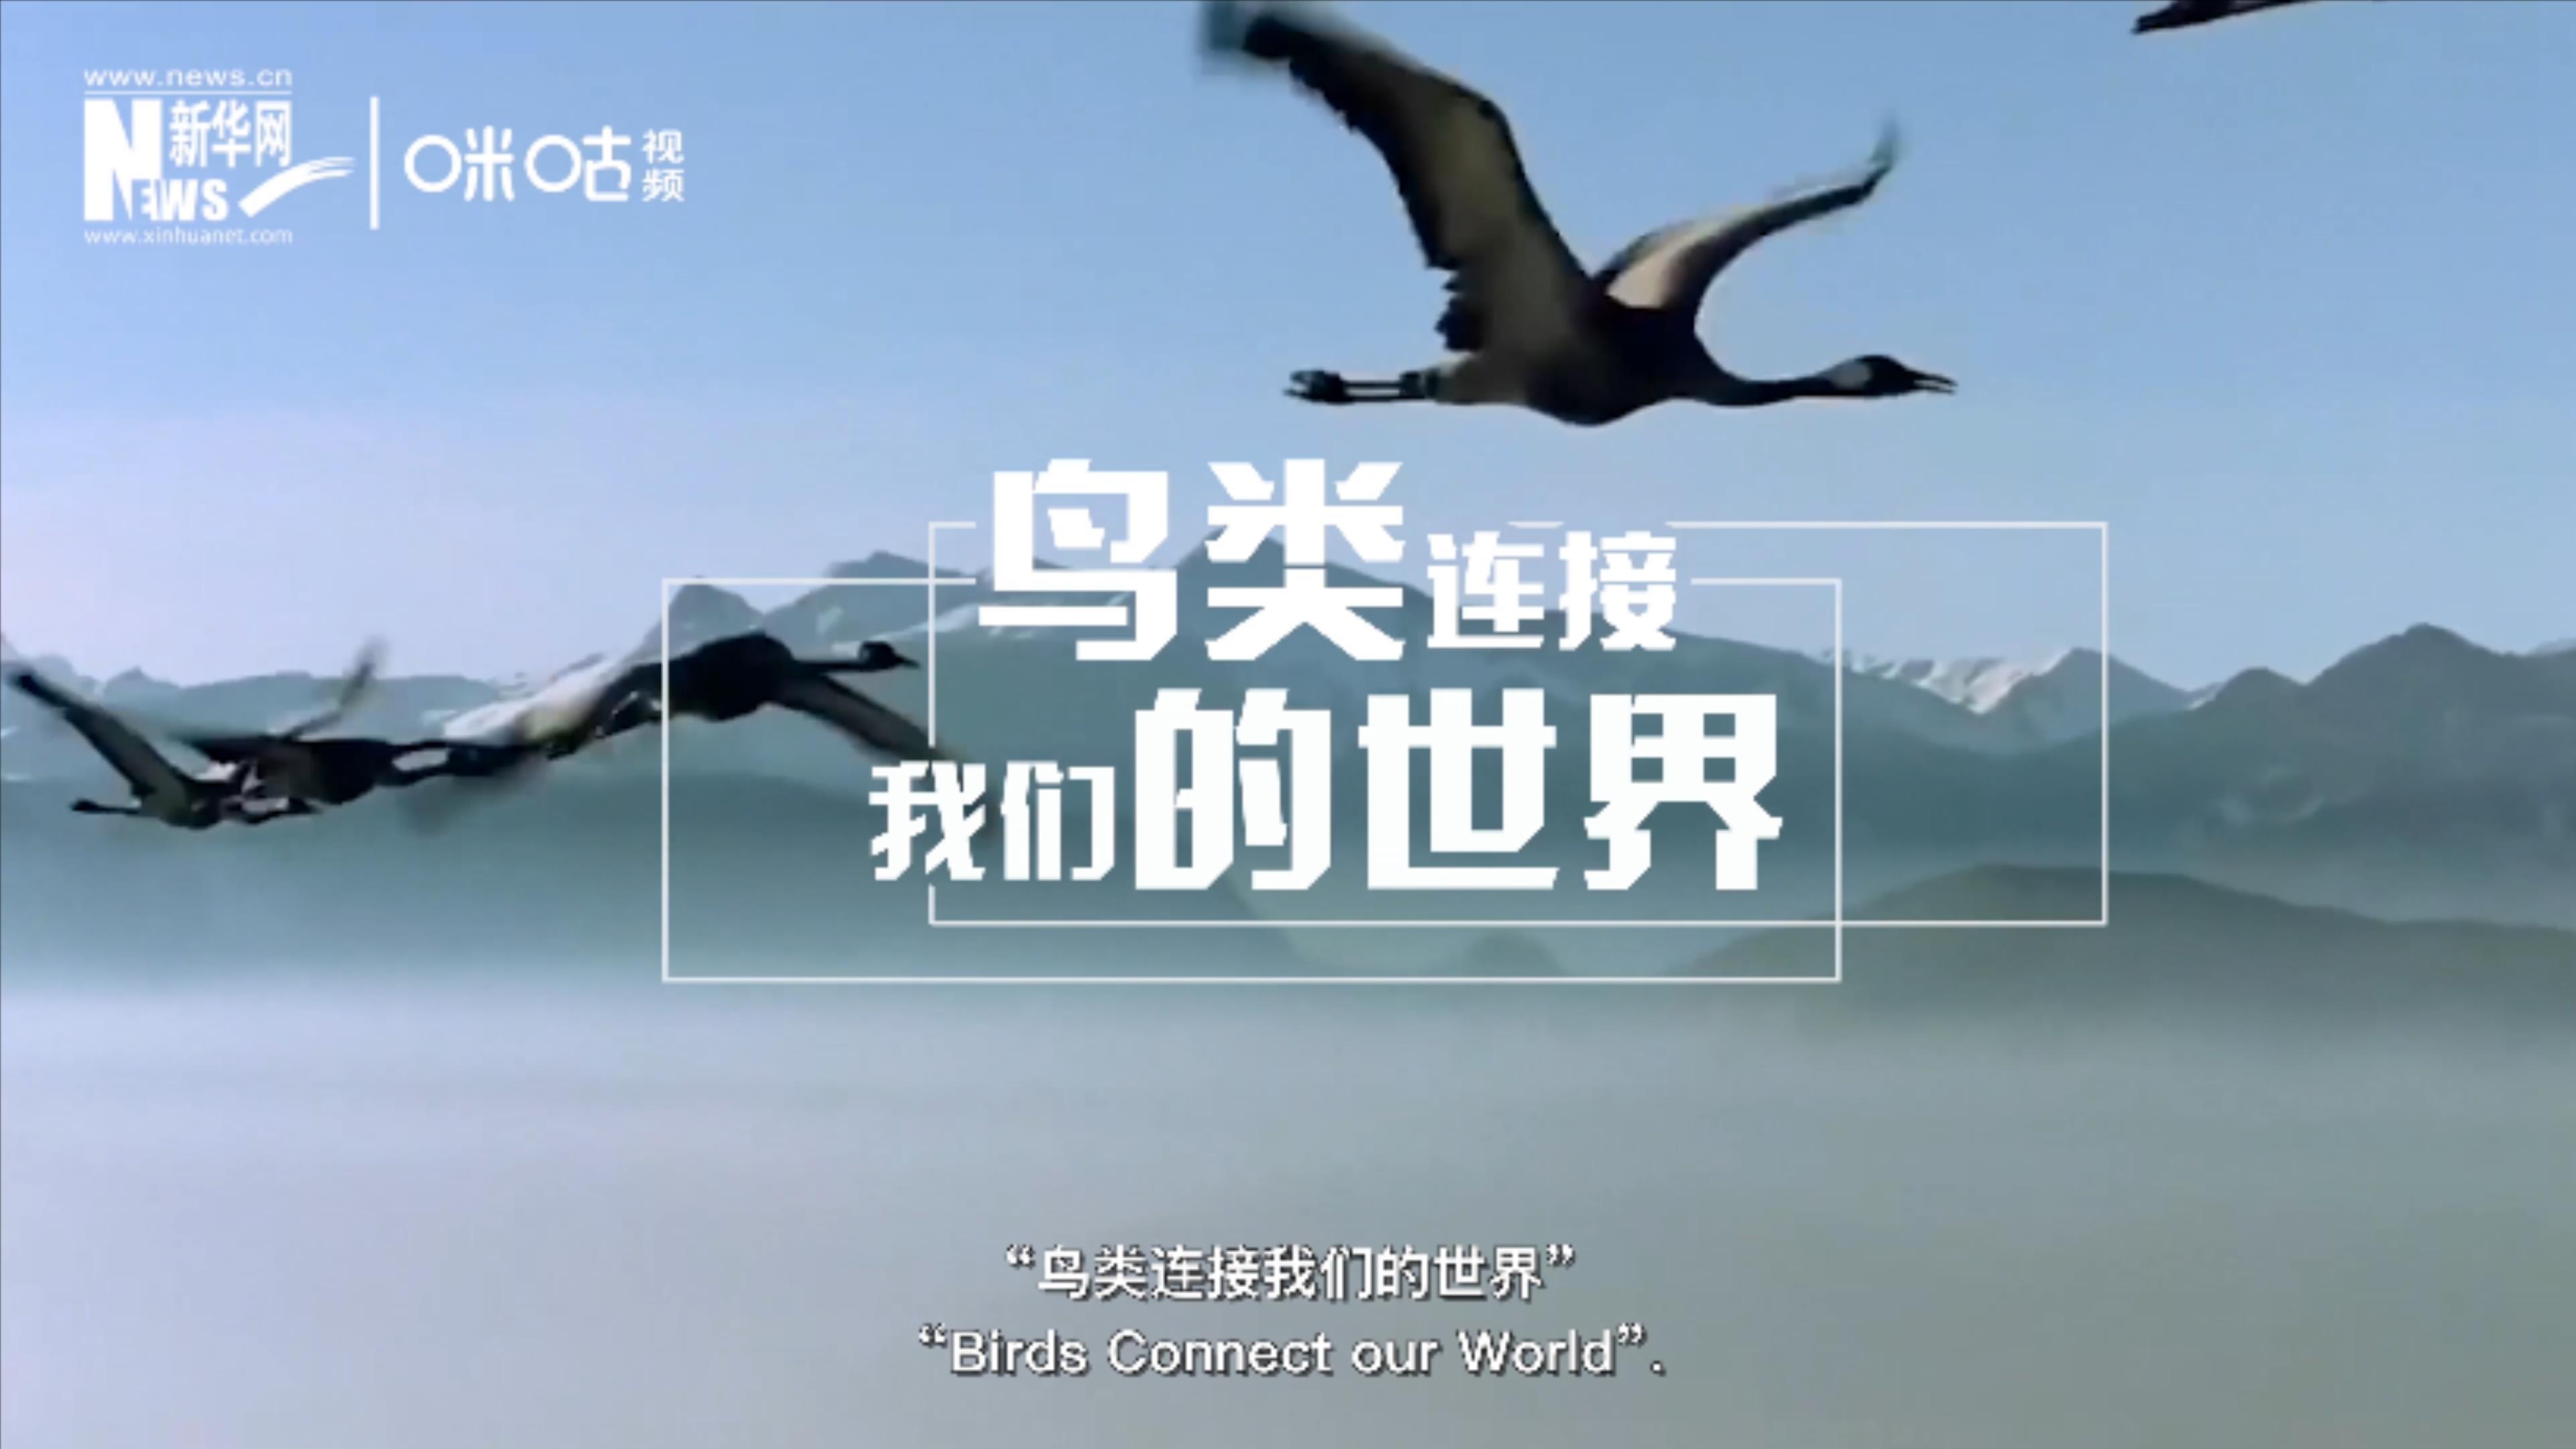 """2020年世界候鳥日的主題是""""鳥類連接我們的世界"""""""